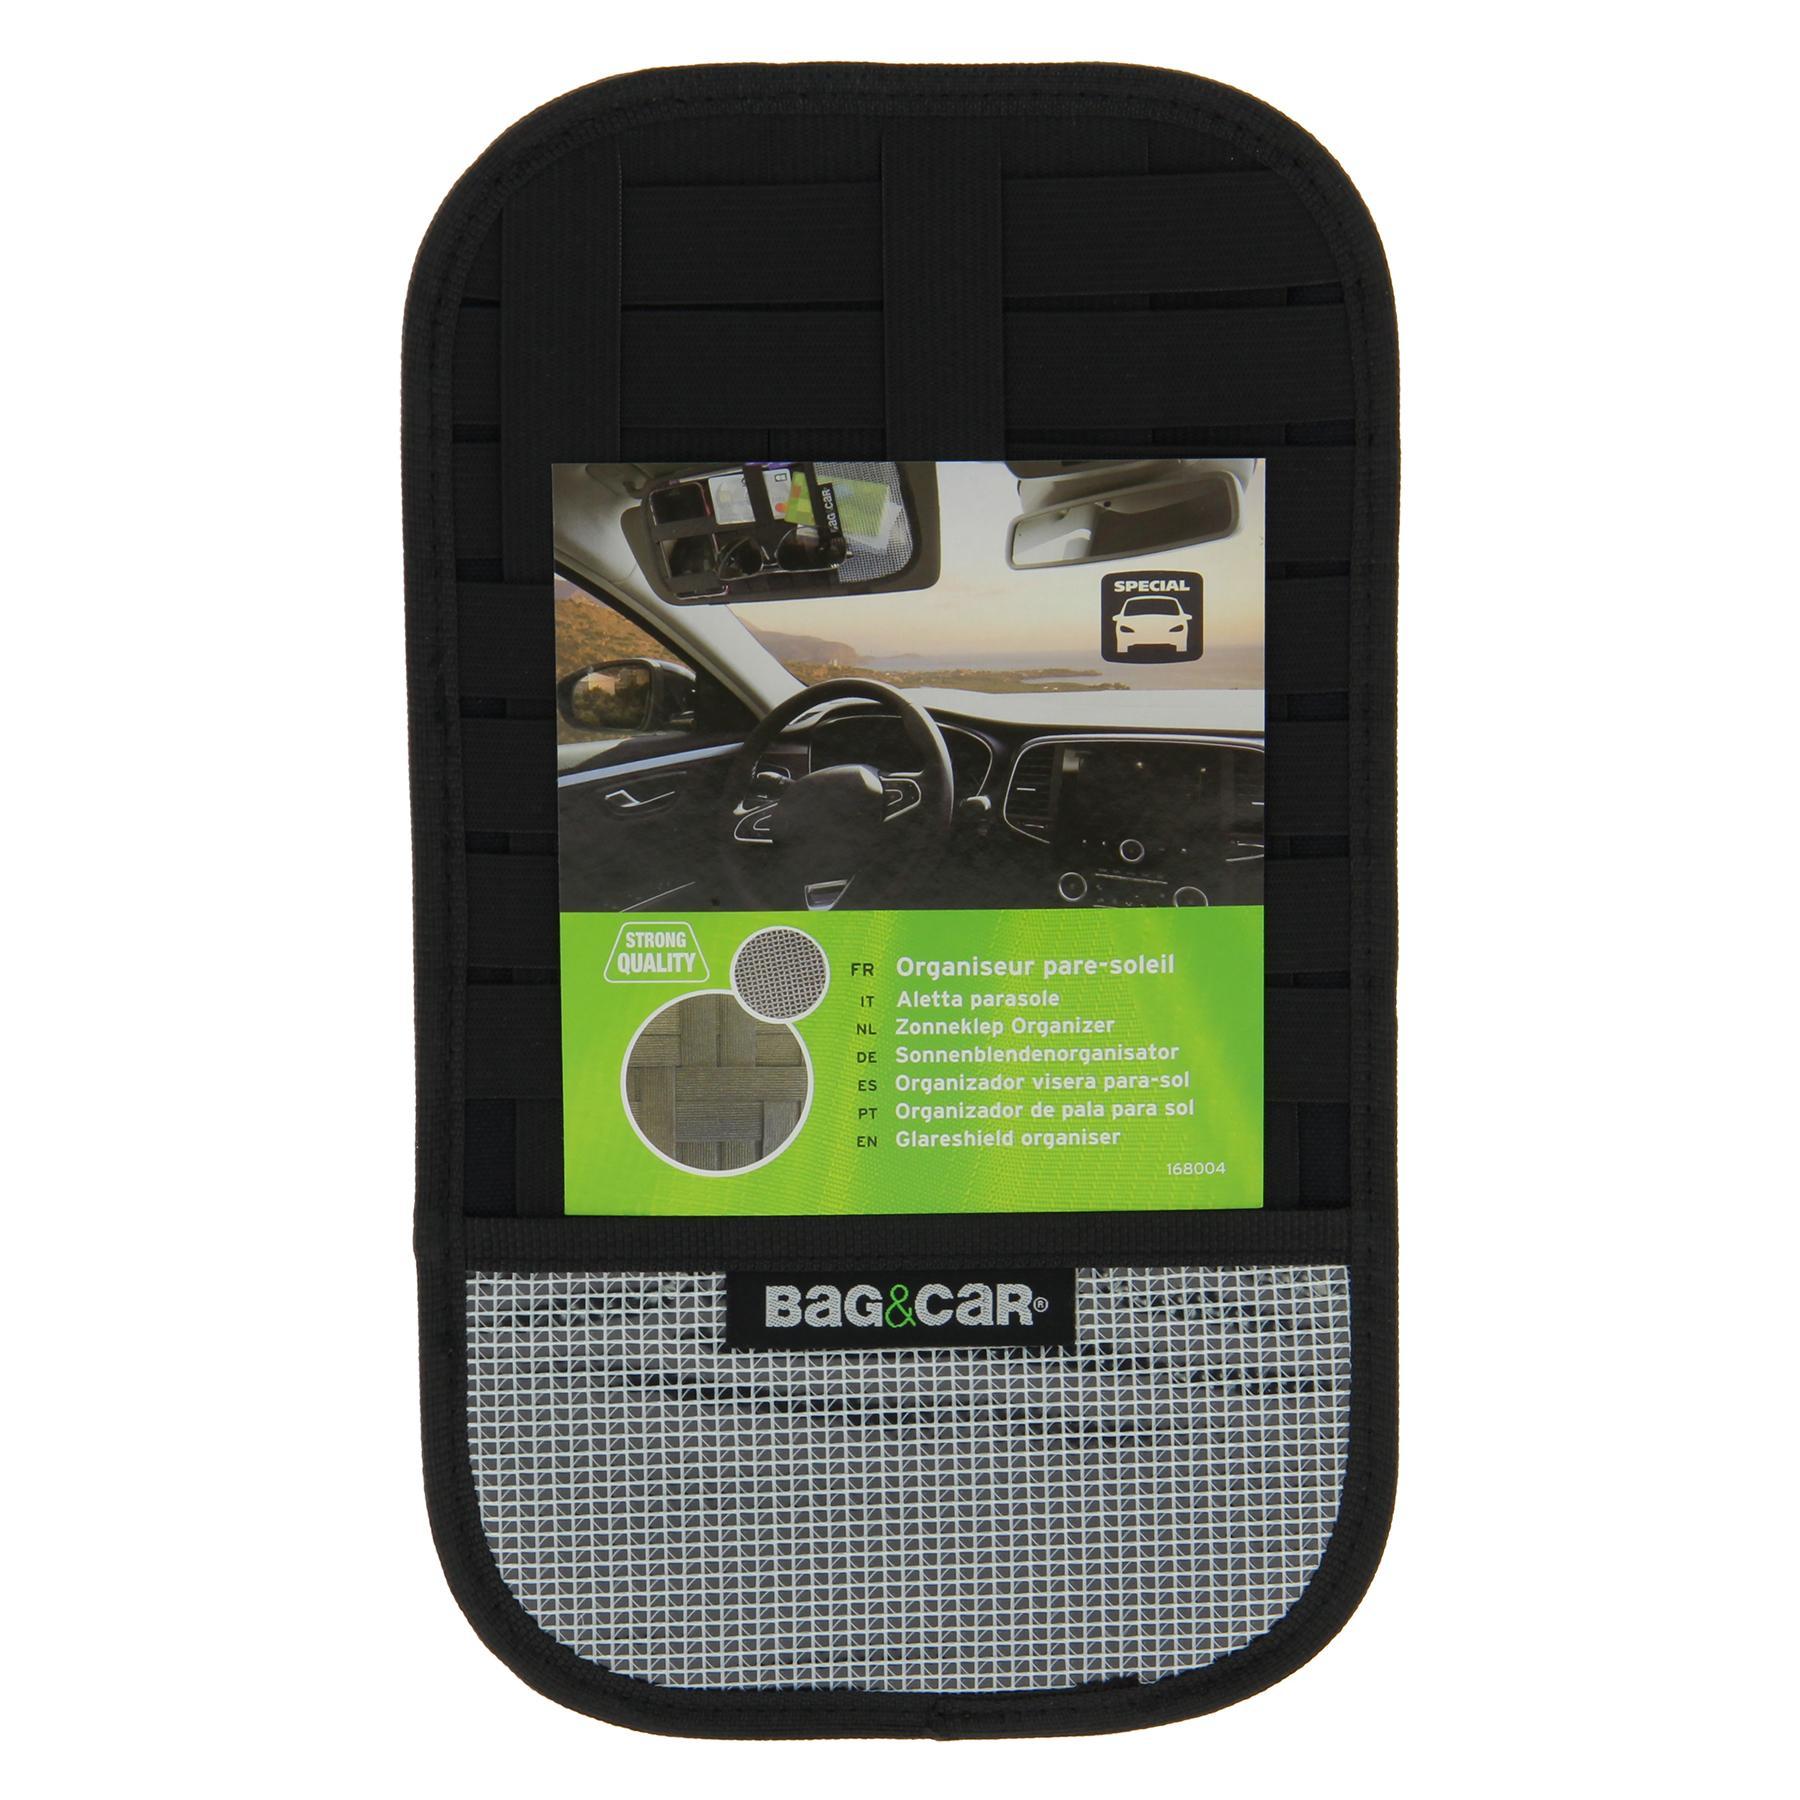 Сar seat organiser BAG&CAR 168004 rating